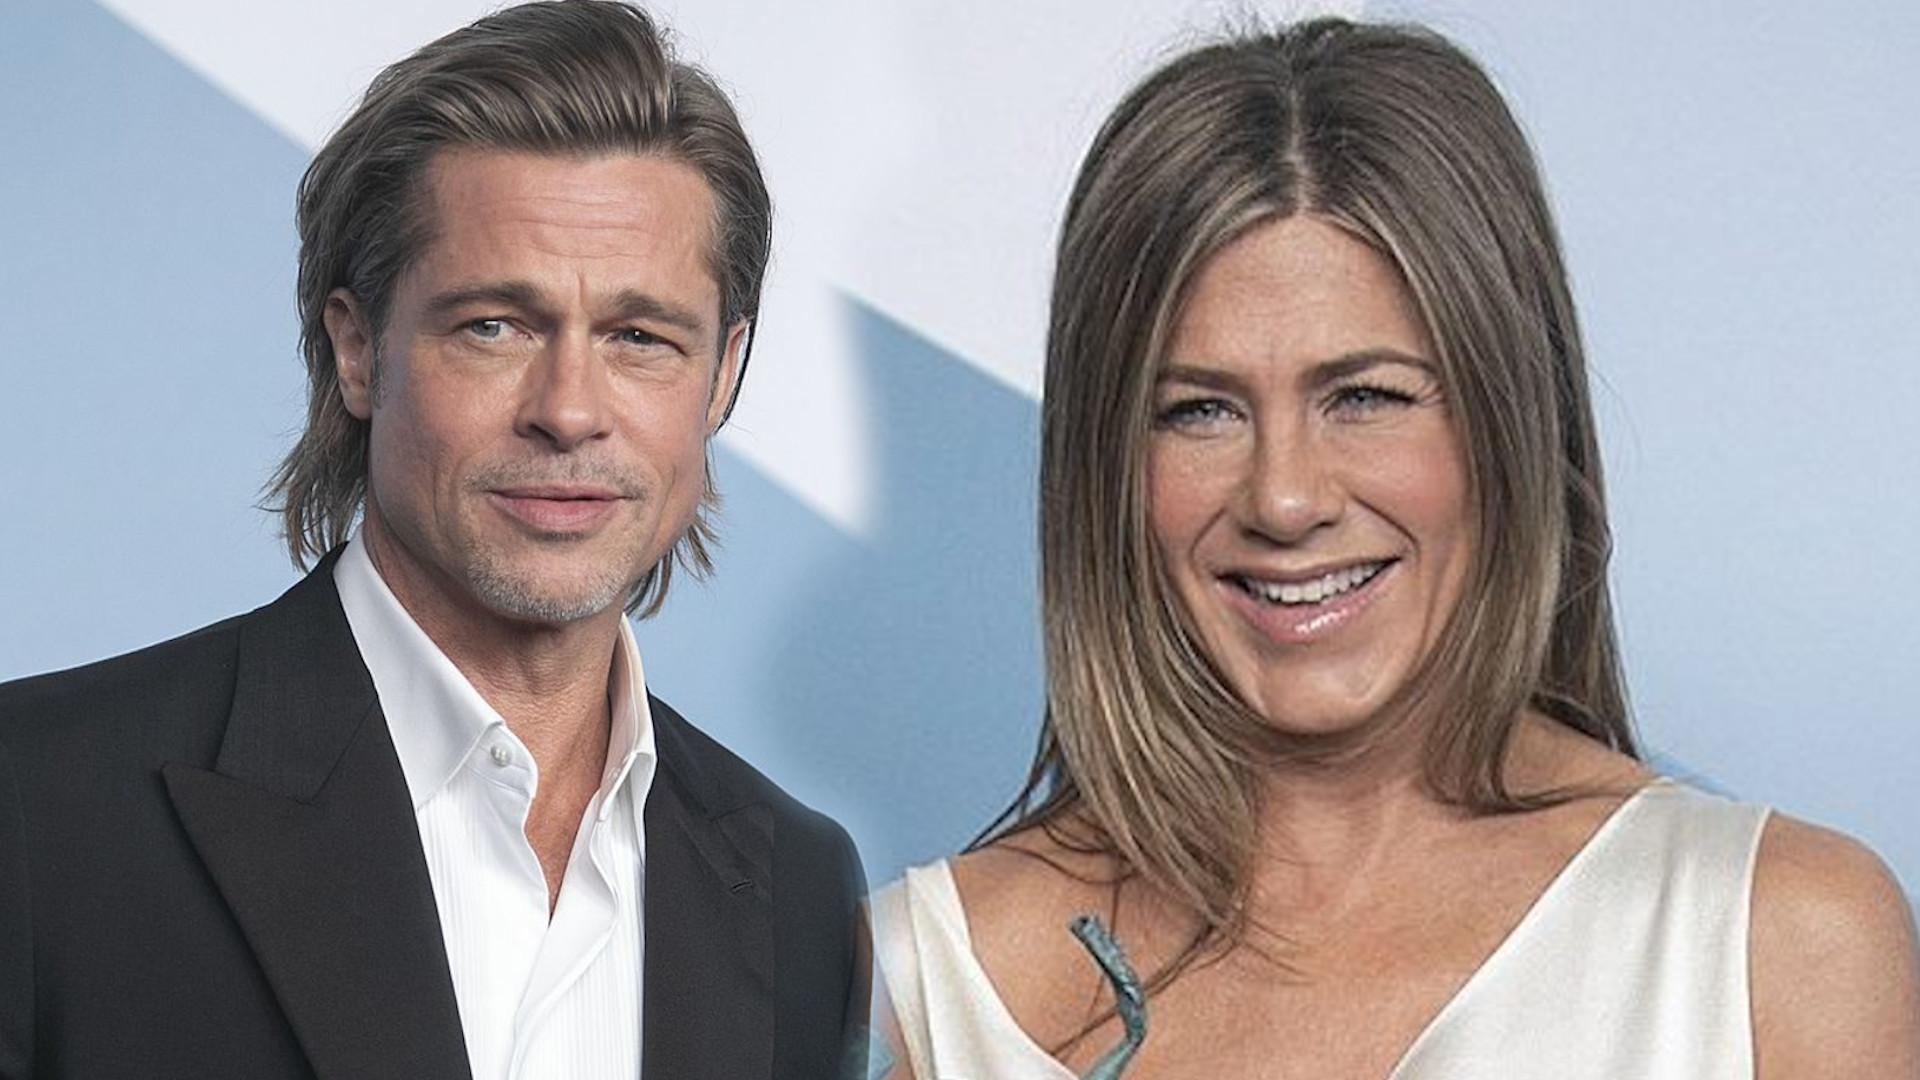 Jennifer Aniston i Brad Pitt będą razem pracować. Zgodzili się na udział we wspólnym projekcie